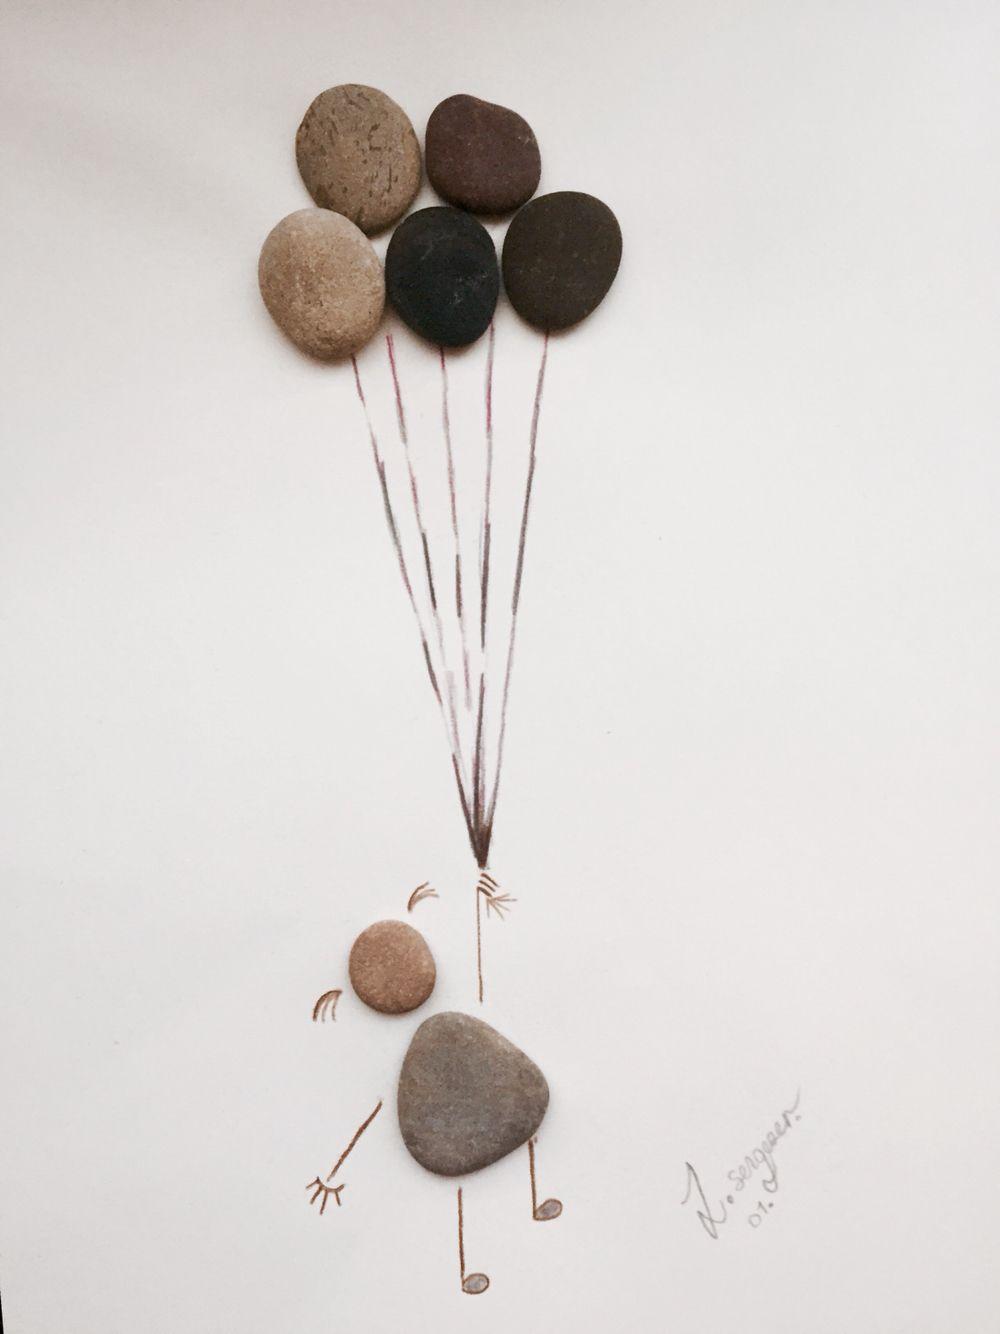 Faire Un Tableau Avec Des Galets beach stone art ,ballon   art de galets, cailloux deco